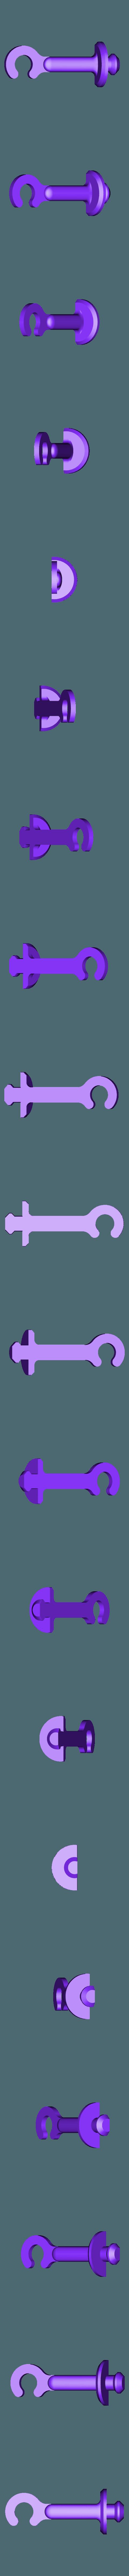 Piston_x3.stl Télécharger fichier STL gratuit Moteur pneumatique radial simple • Modèle pour imprimante 3D, Slava_Z